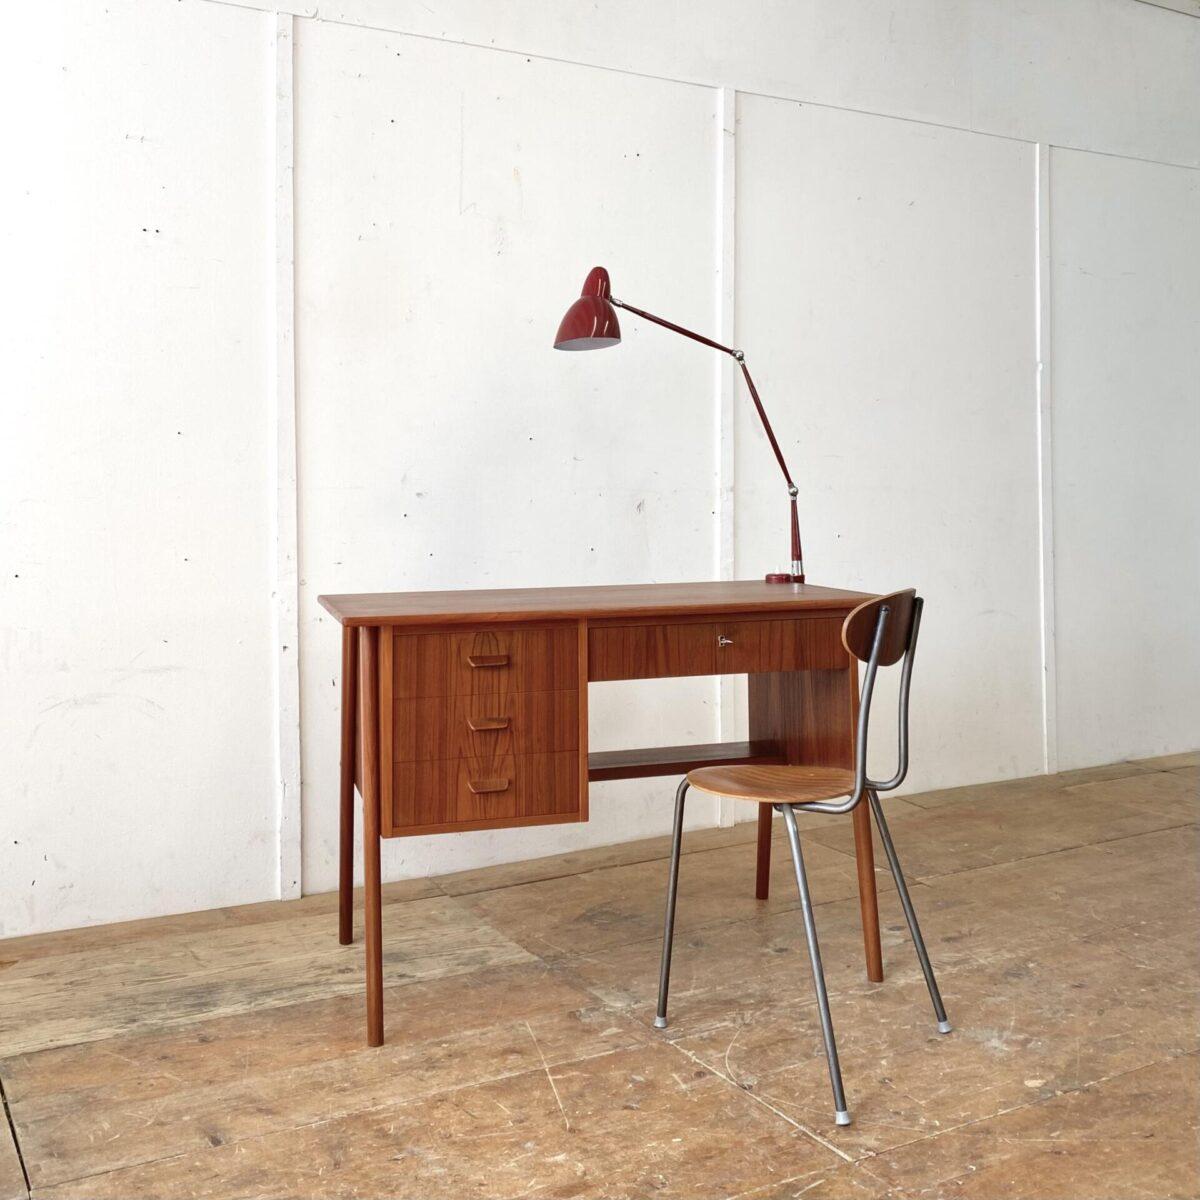 Deuxieme.shop midcentury Teak Tisch denmark. Teak Schreibtisch mit Schubladen aus den 60er Jahren. Der Tisch ist in schönem allgemein Zustand, das Tischblatt hat ein paar Kratzer und Hicke, aber eine feine glatte Oberfläche. Die mittel Schublade ist abschliessbar. Die konischen schräg Beine lassen sich demontieren. Der Tisch lässt sich frei im Raum aufstellen, die Rückseite ist schön verarbeitet.